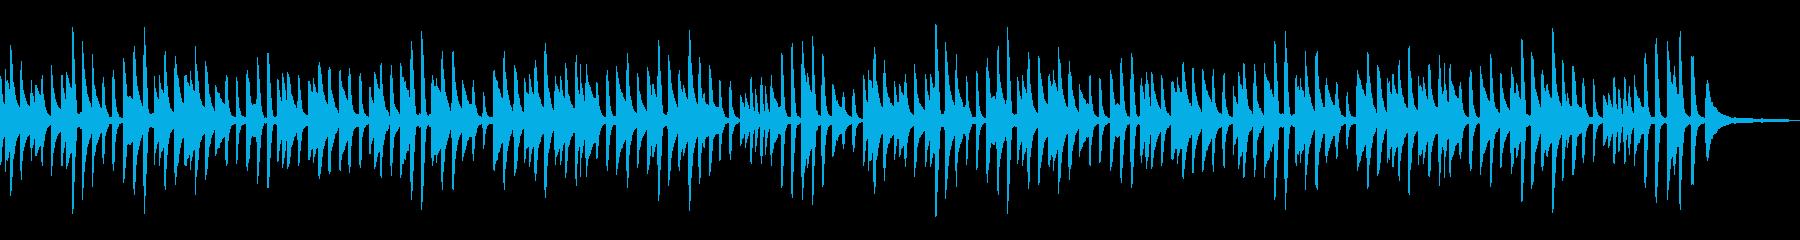 童謡「背比べ」シンプルなピアノソロの再生済みの波形